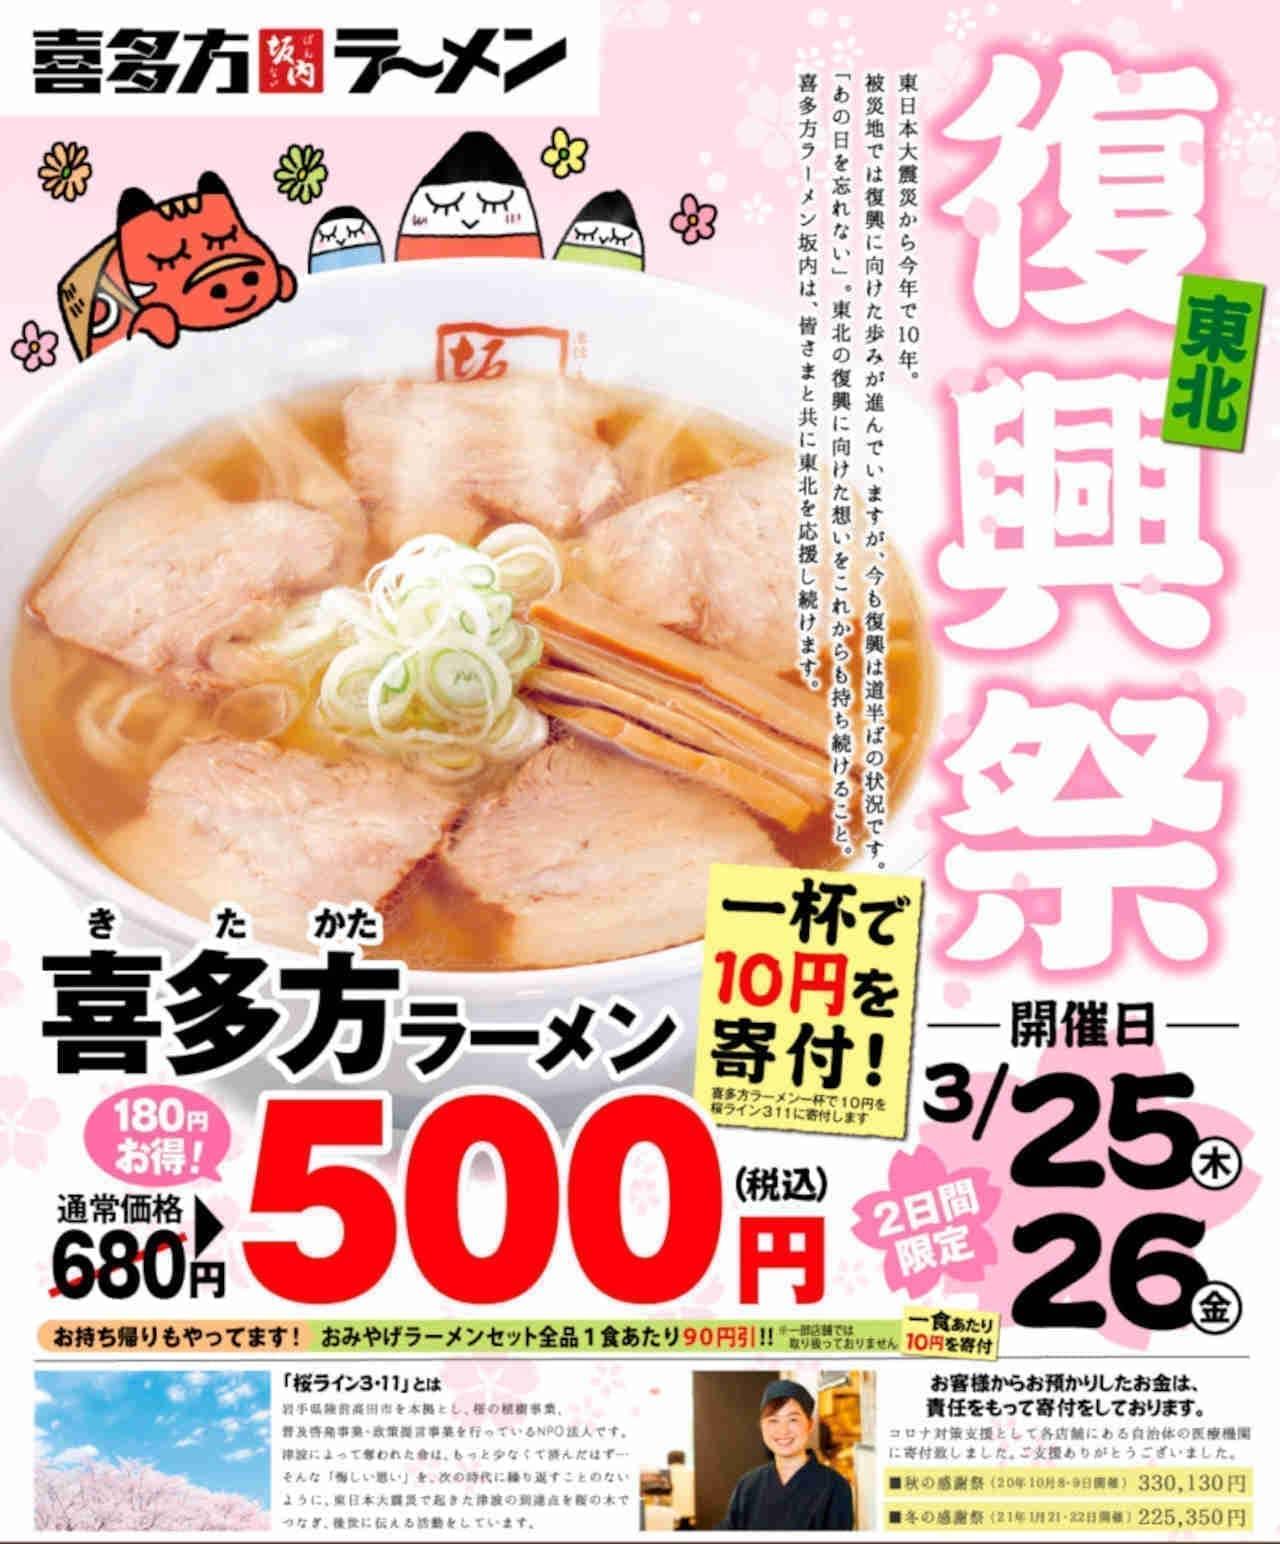 坂内の喜多方ラーメンが1杯500円